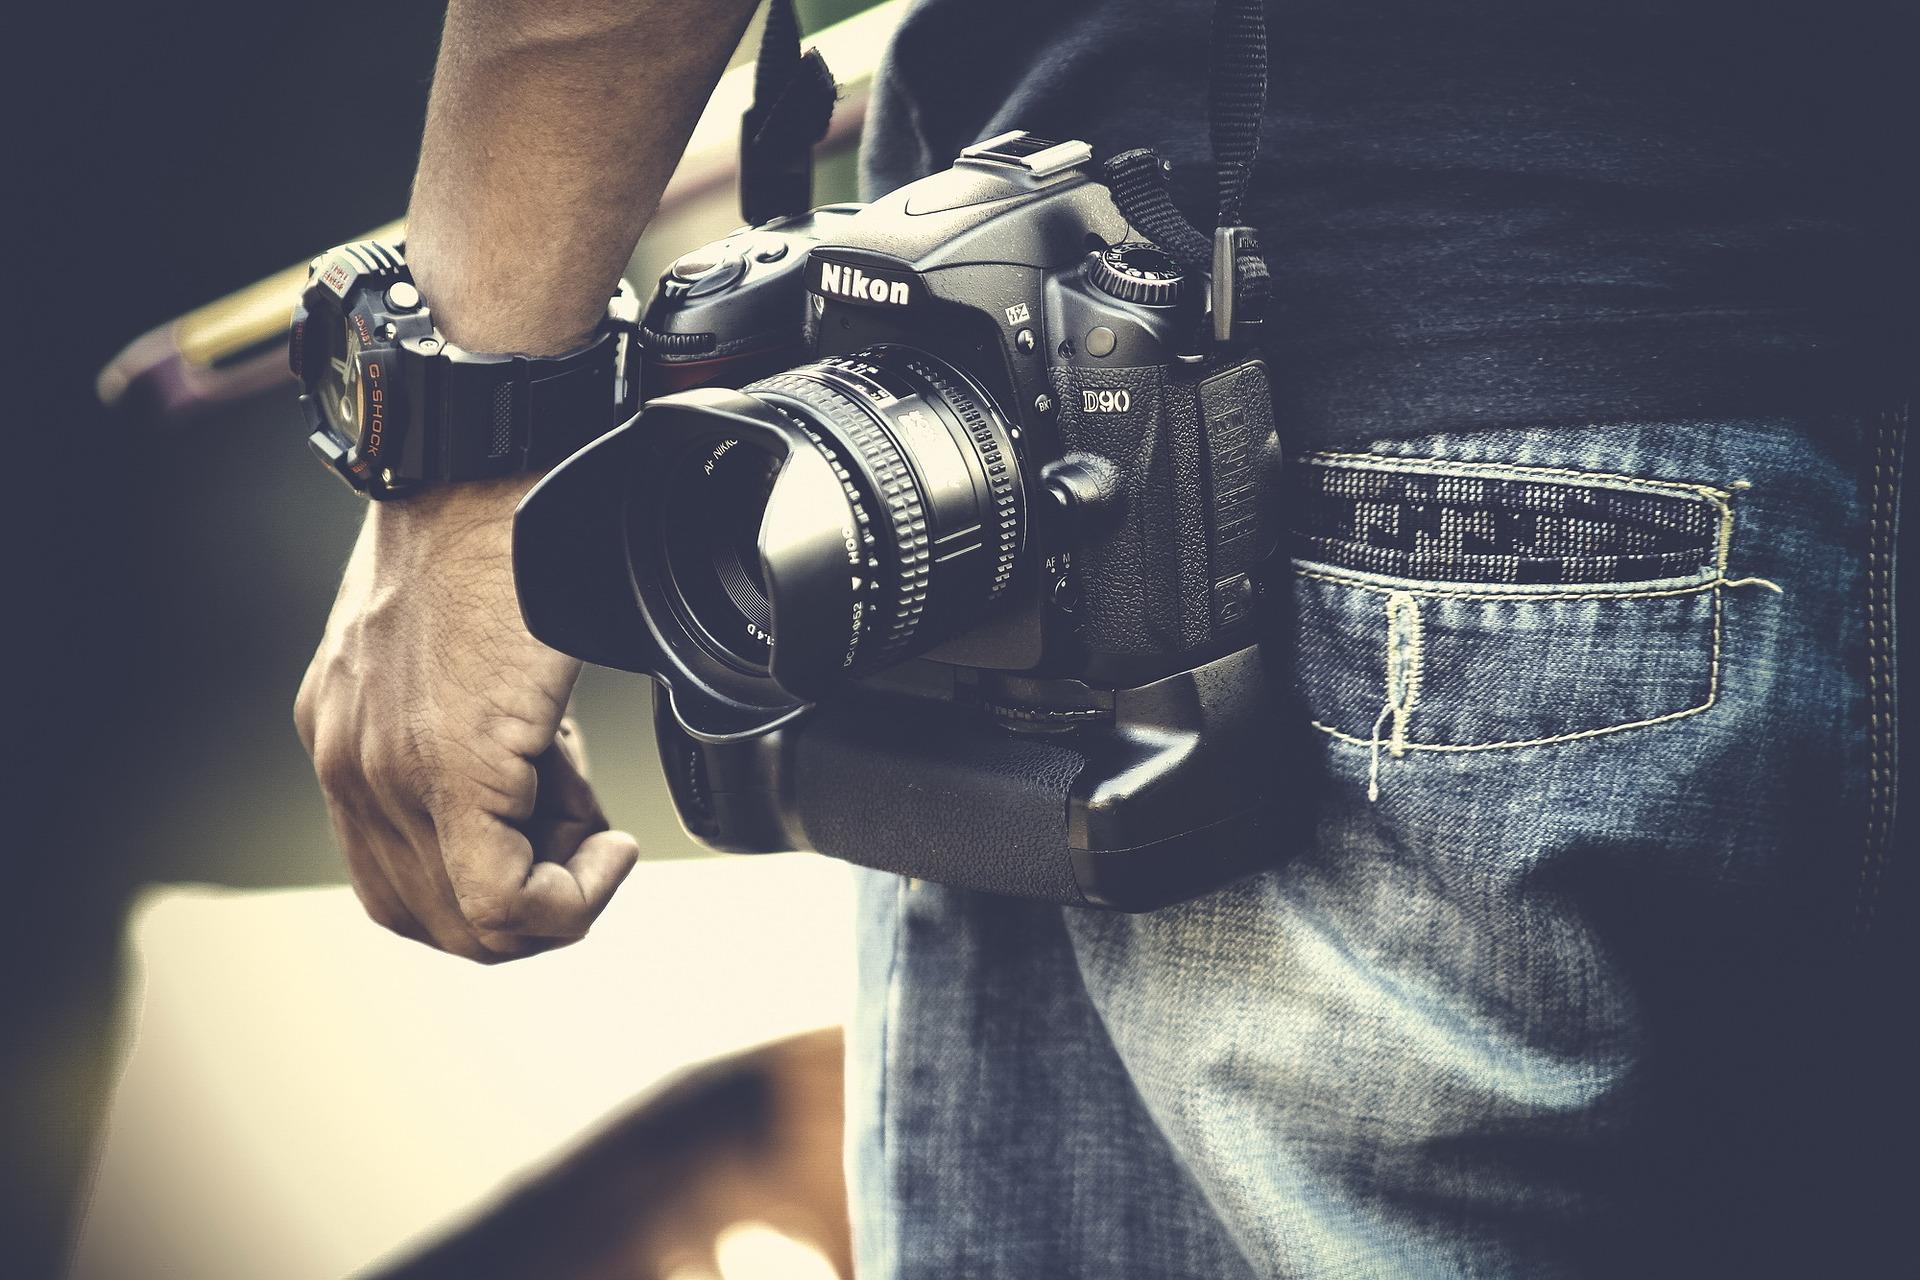 Imagem mostra um homem carregando uma câmera Nikon D90.